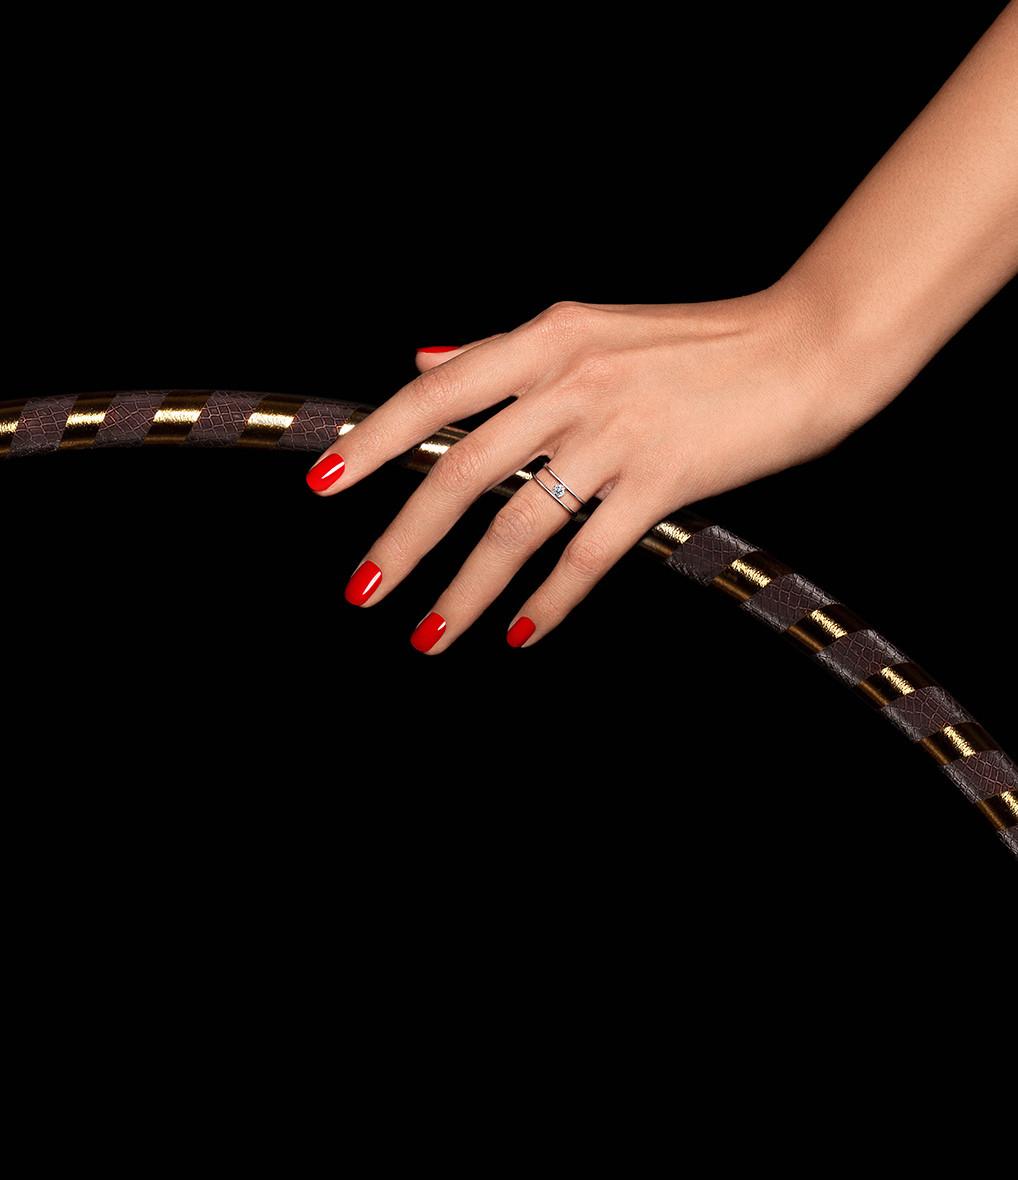 LA BRUNE & LA BLONDE - Bague Hula Hoop Diamant 0,20 Or Rose